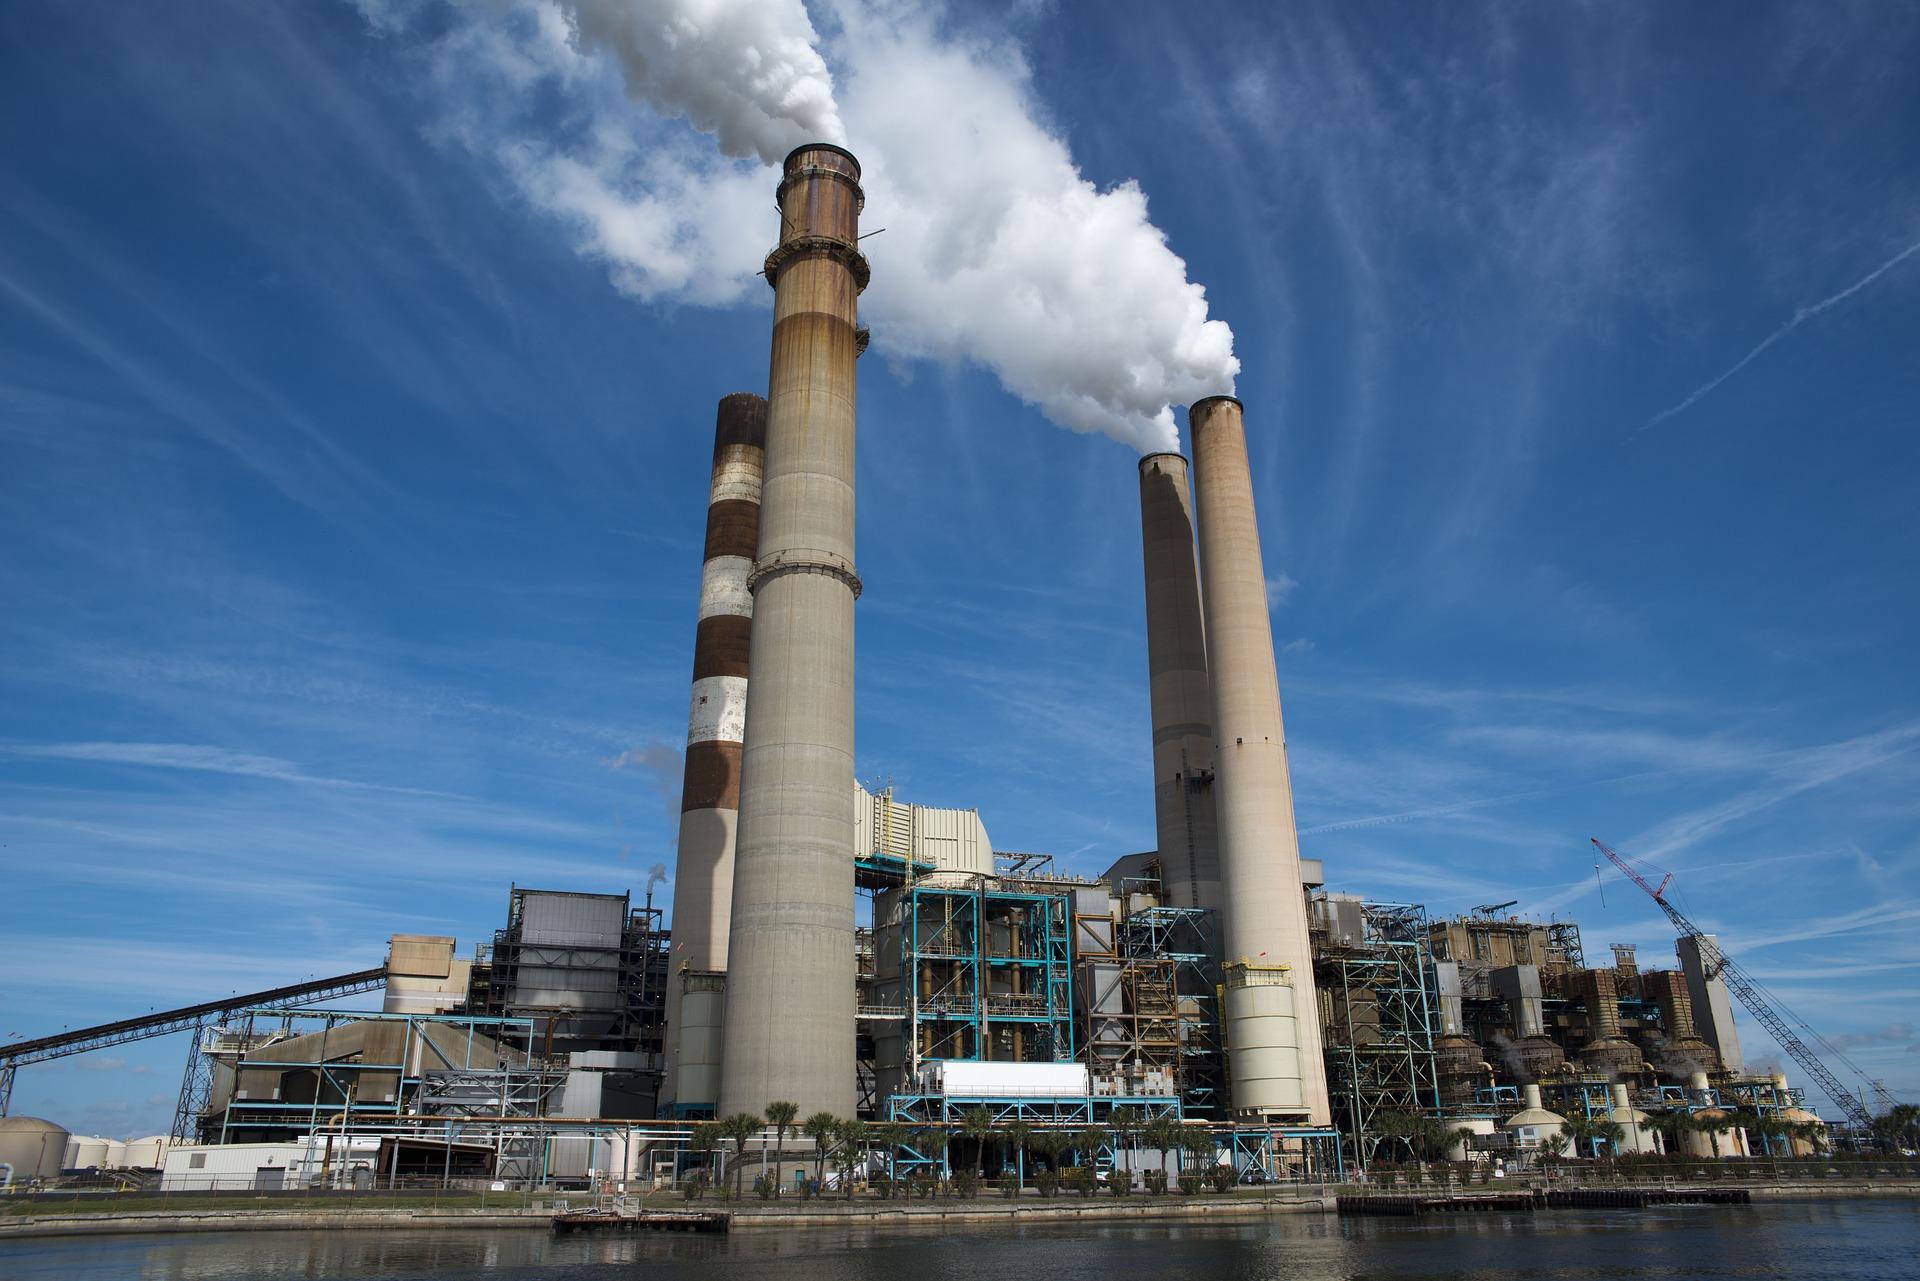 ۳ میلیارد دلار برای باسازی نیروگاهها در کشور نیاز است